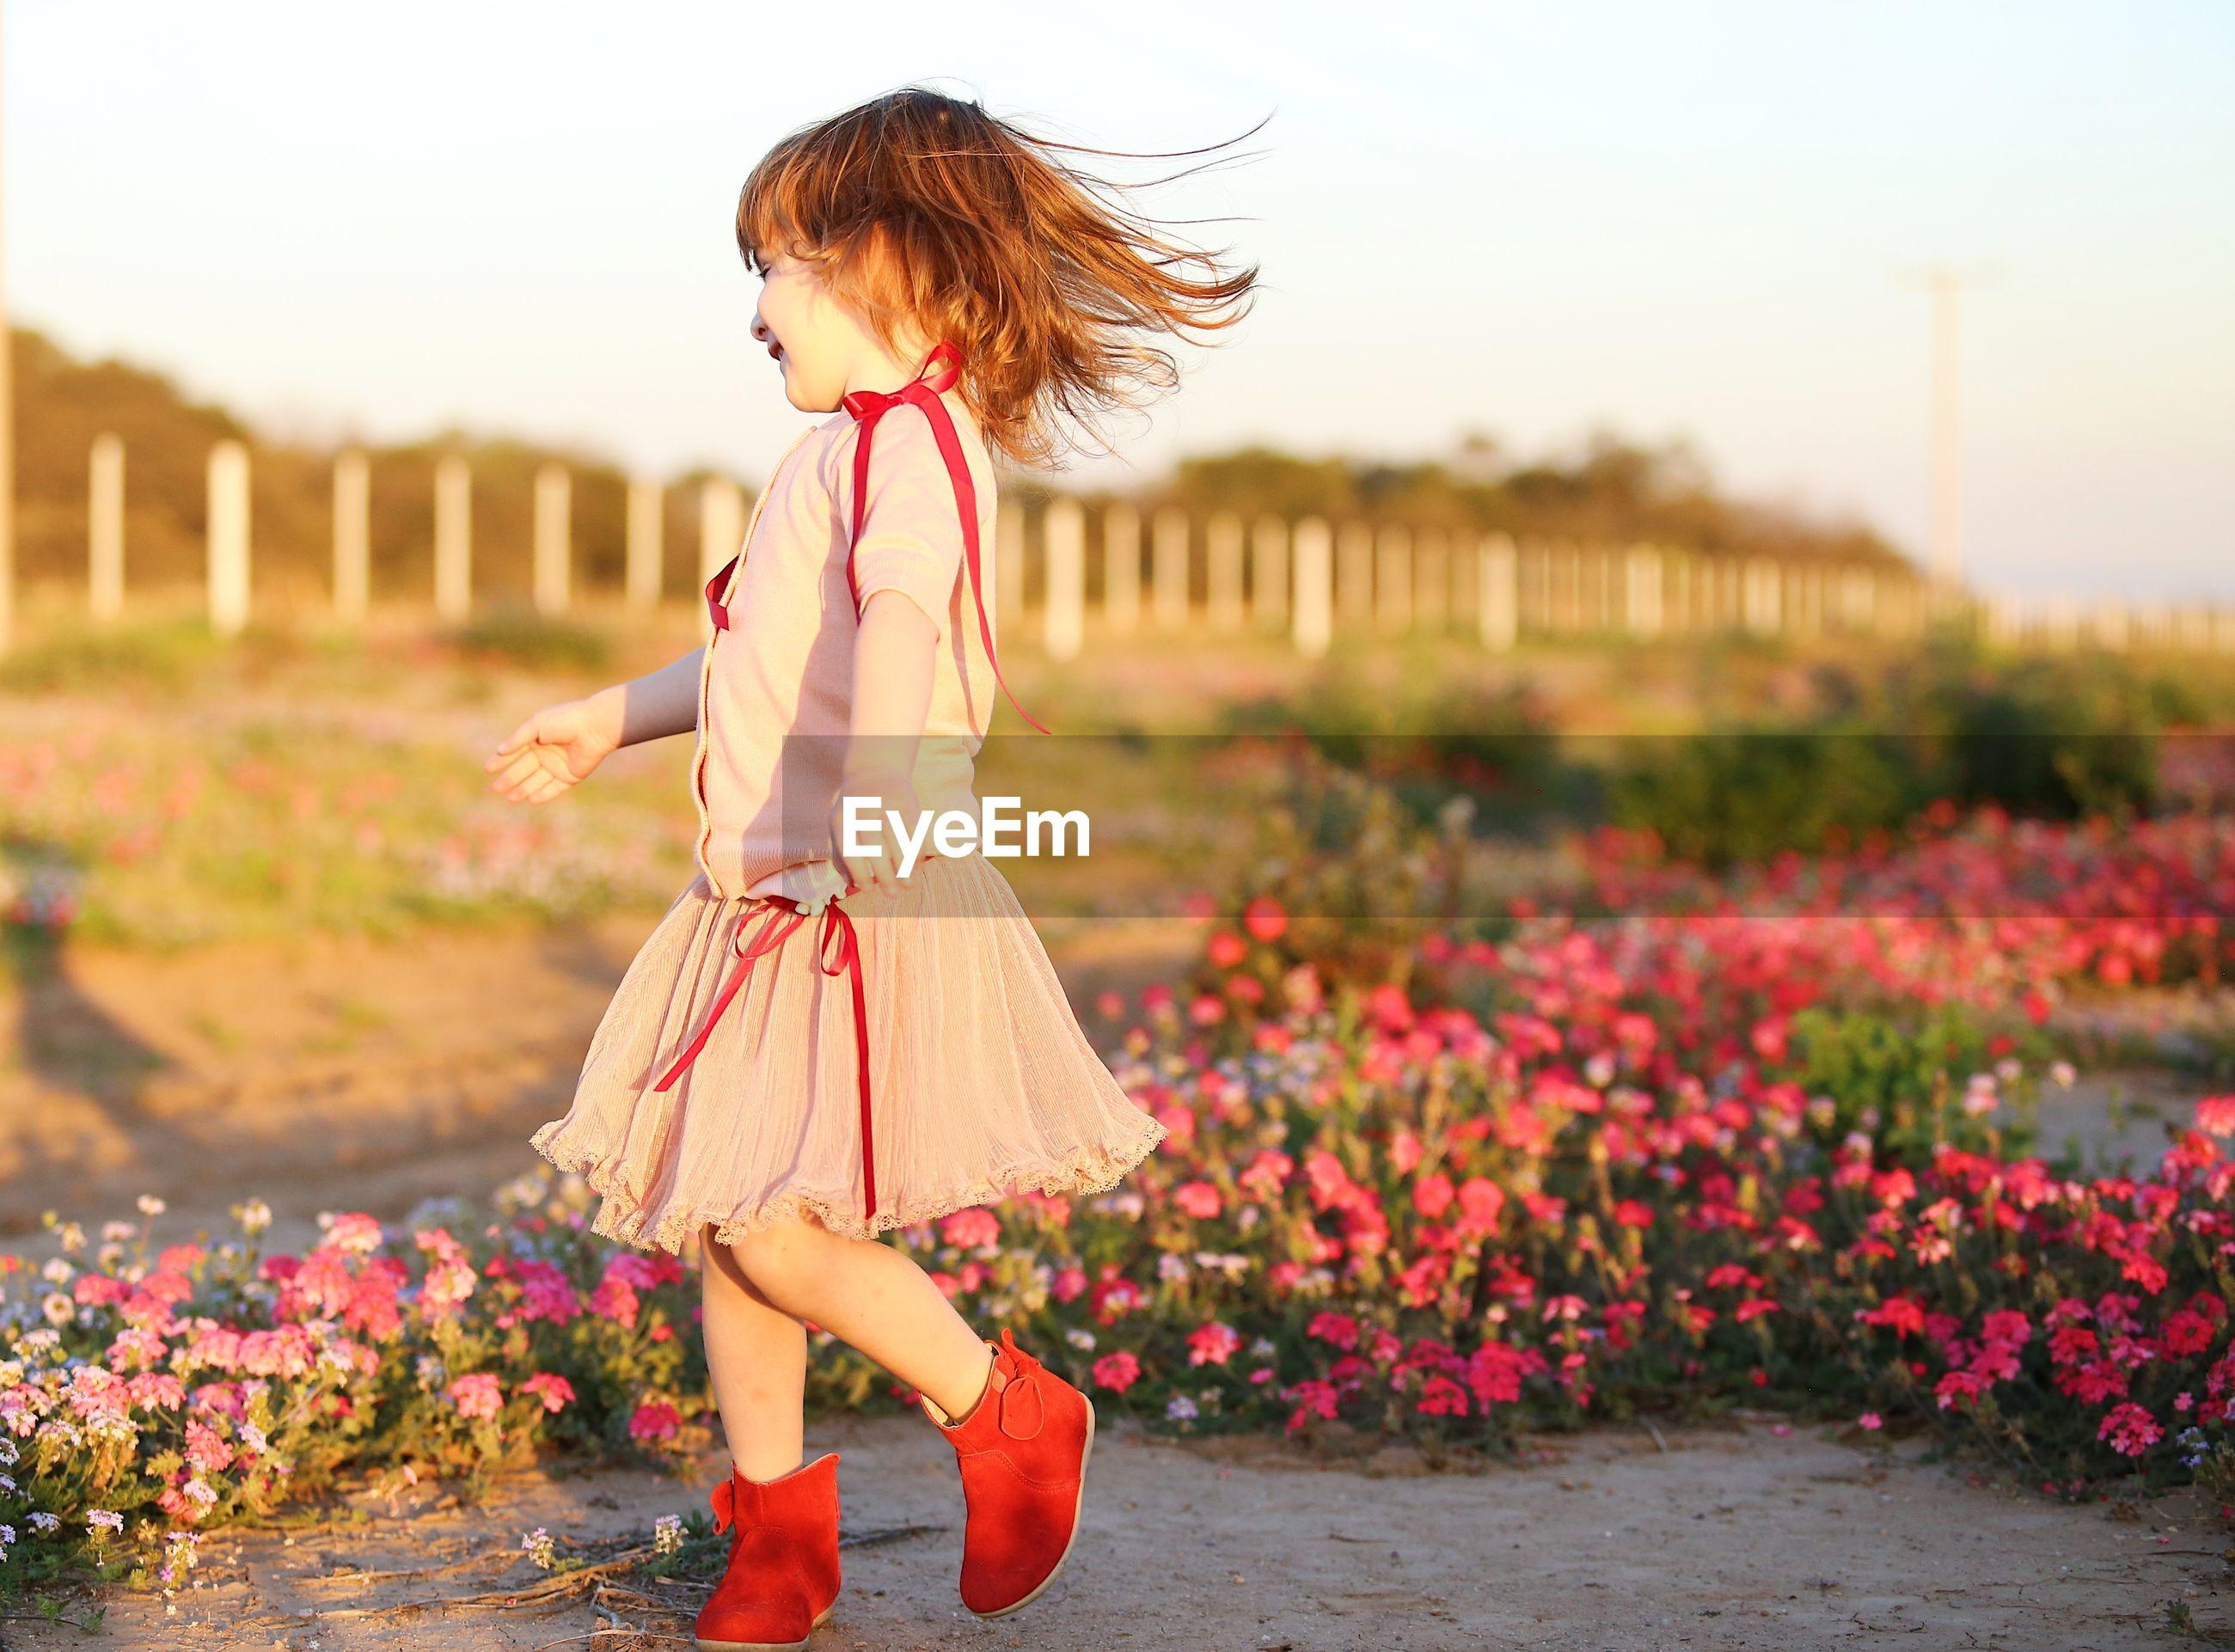 Full length of girl by flowers on land